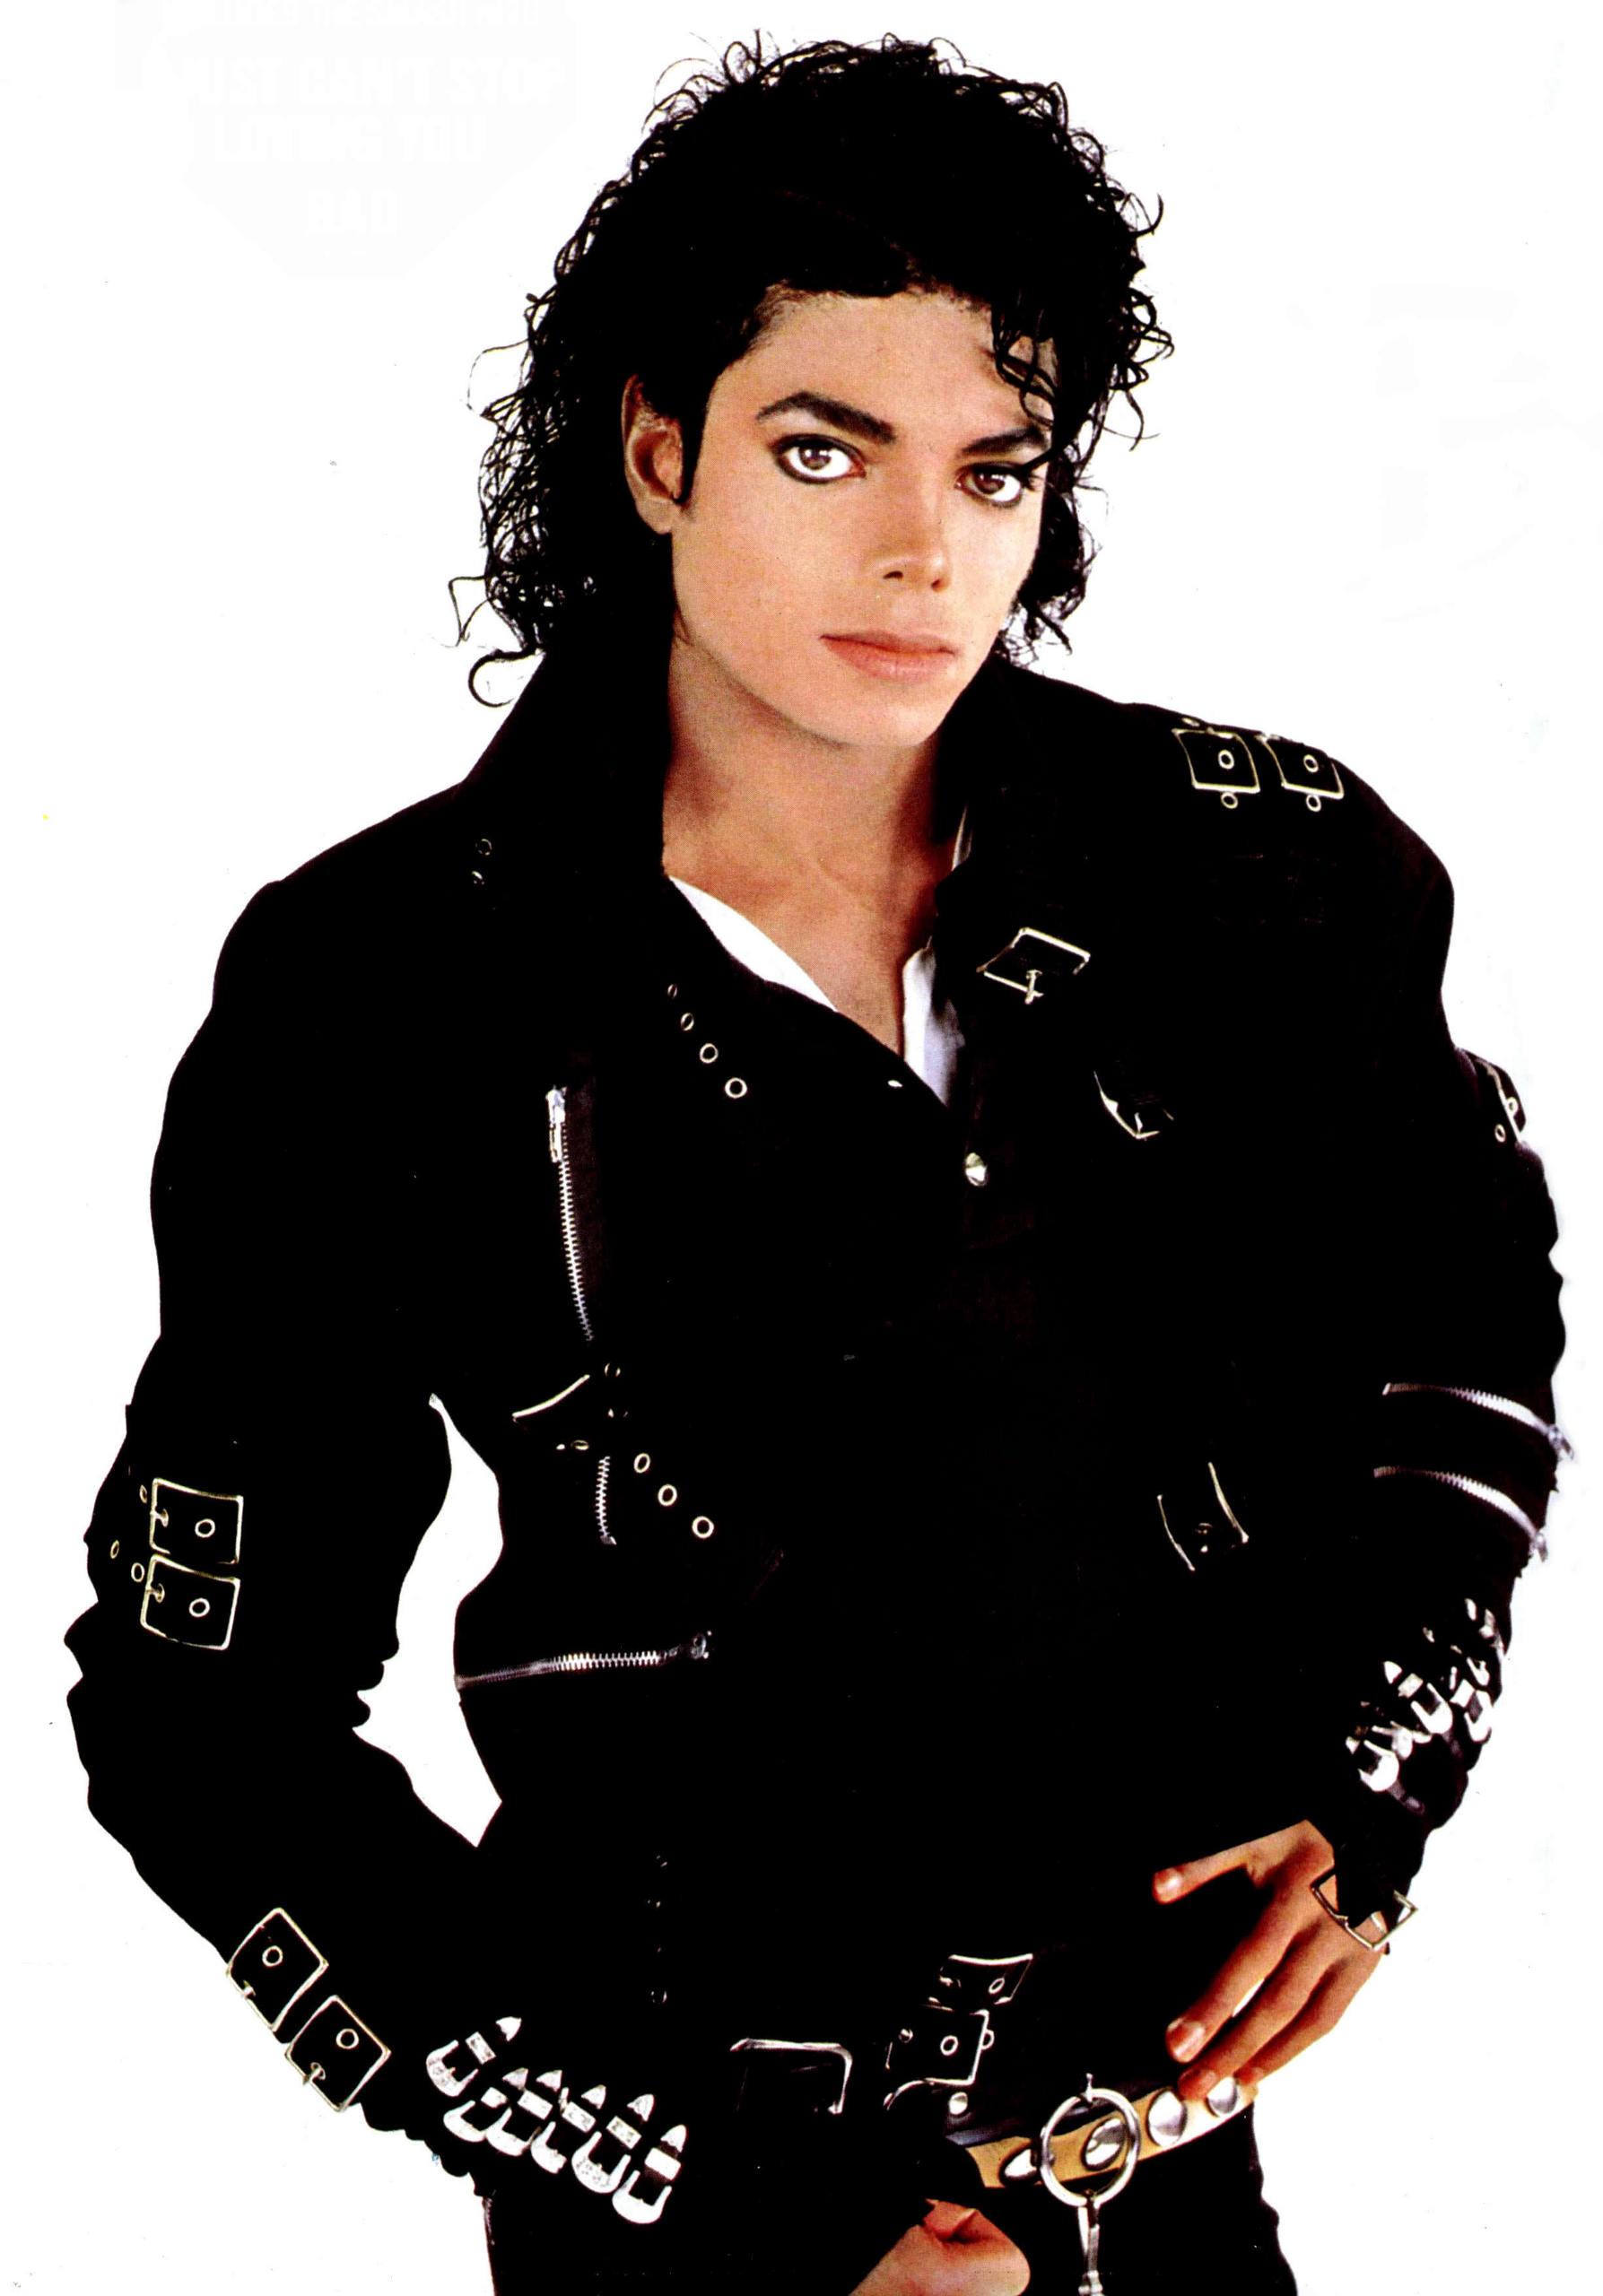 Michael jackson who s bad